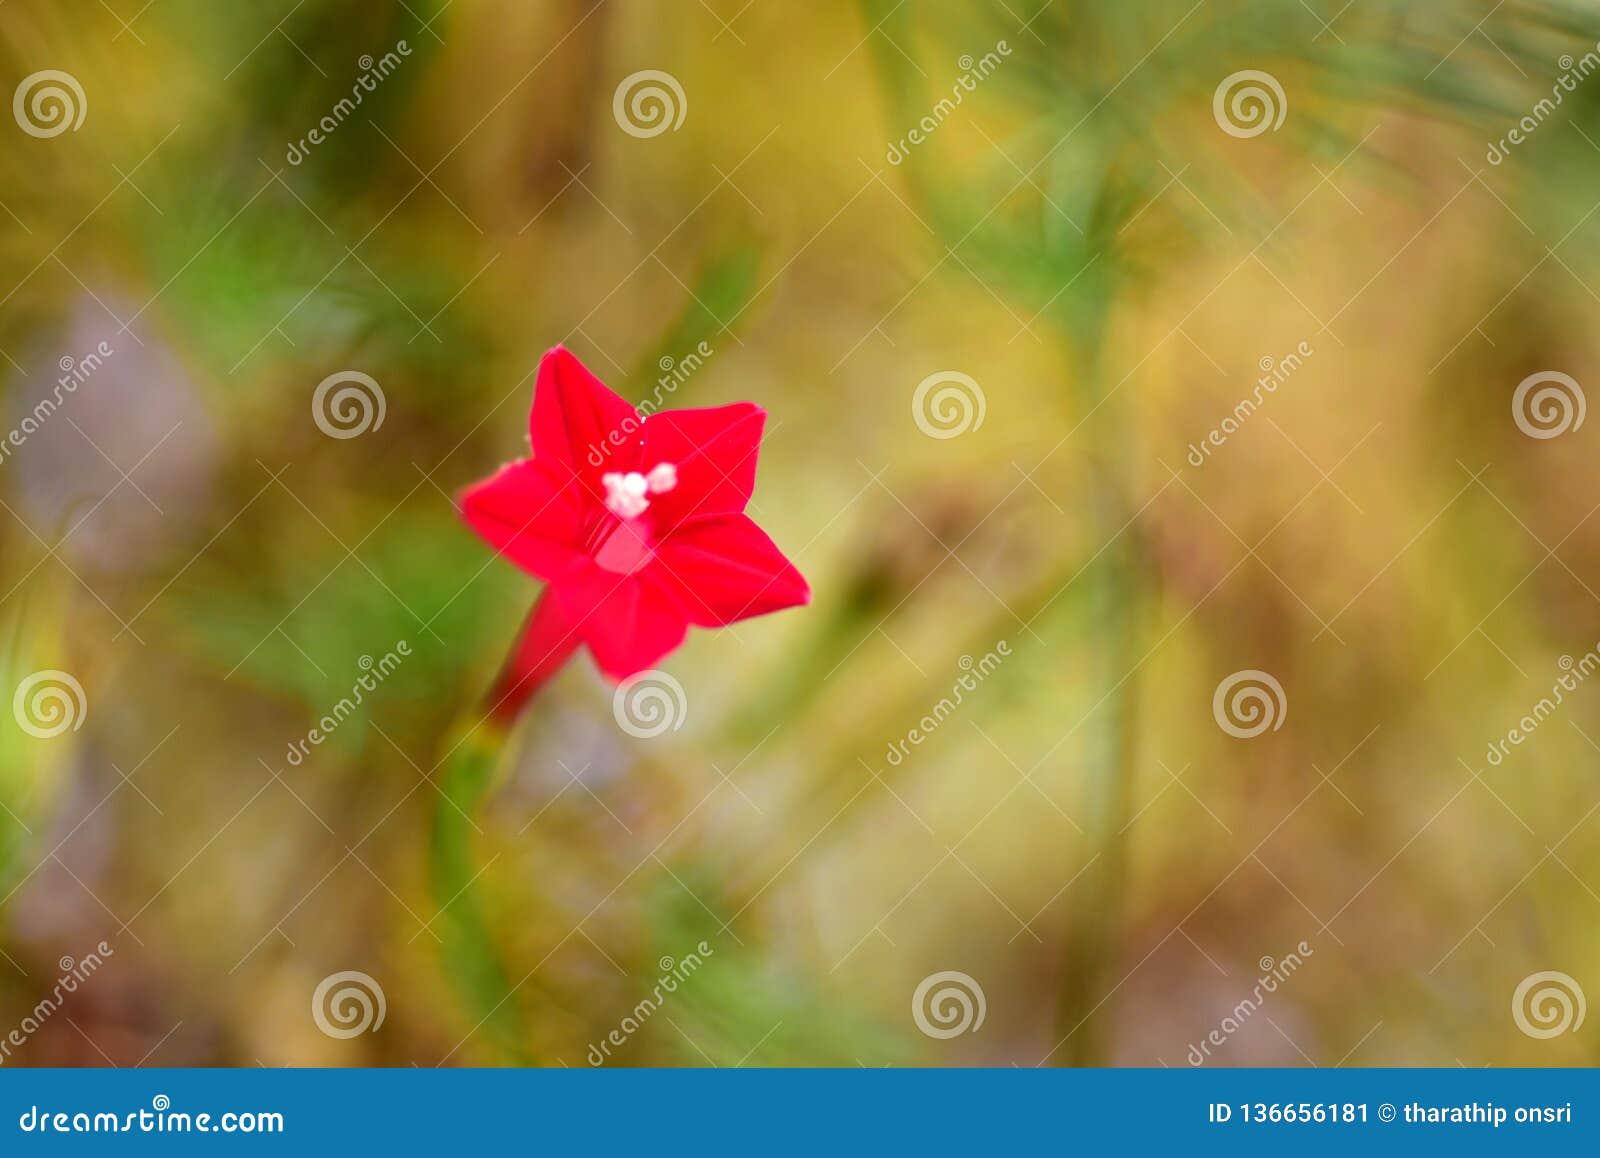 Blumen blühen und die Bienen